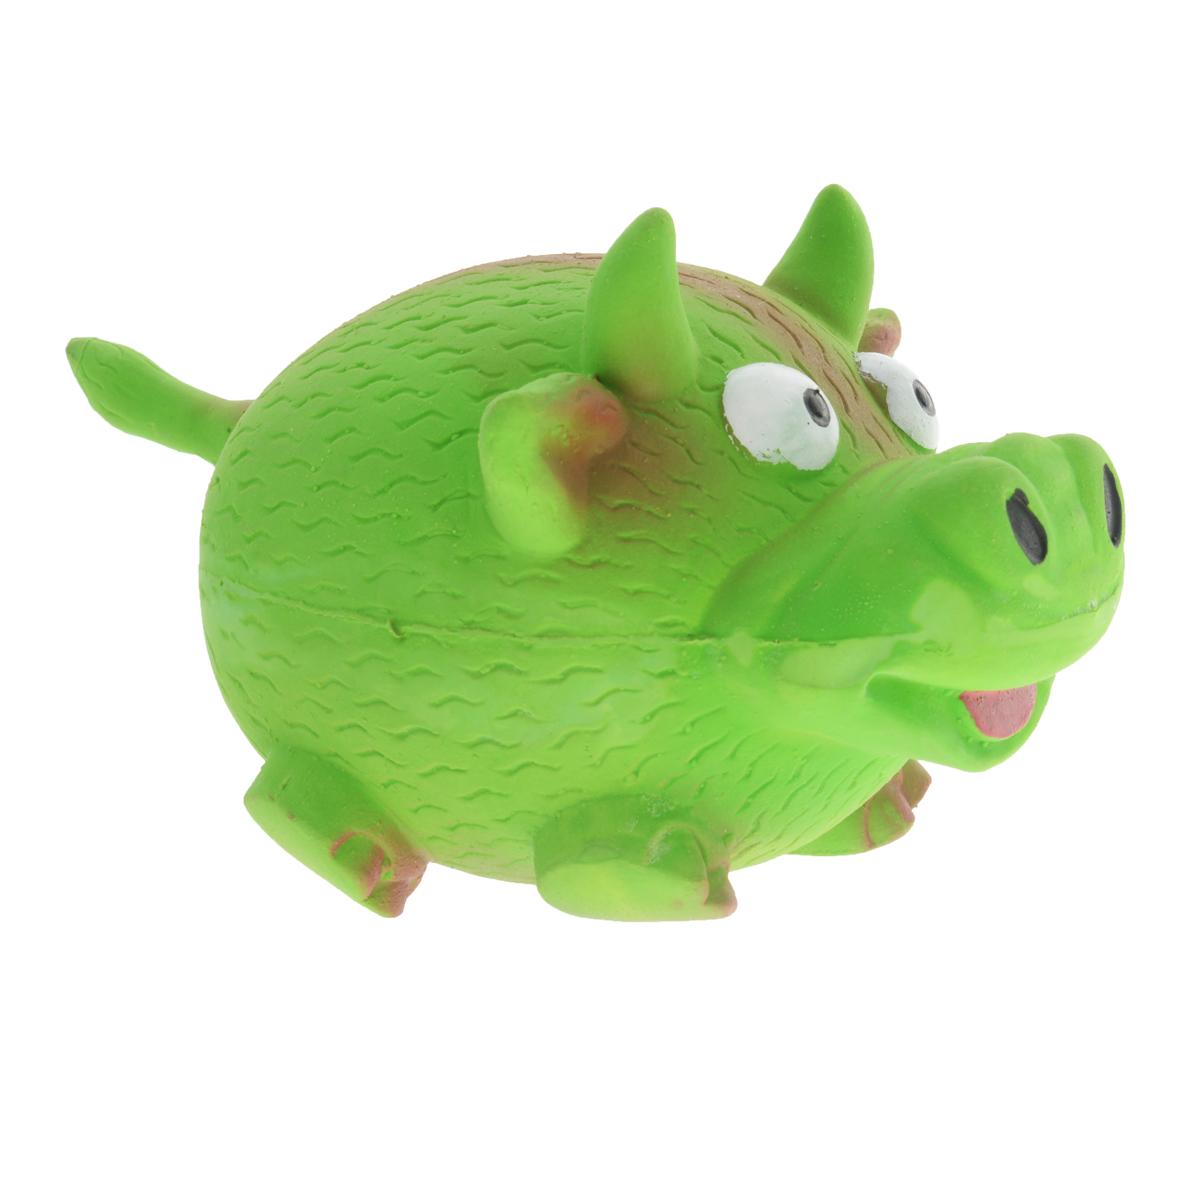 Игрушка для собак V.I.Pet Кабанчик, цвет: зеленыйL-142Игрушка V.I.Pet Кабанчик изготовлена из латекса с использованием только безопасных, не токсичных красителей. Великолепно подходит для игры и массажа десен вашей собаки.Забавный кабанчик при надавливании или захвате пастью пищит. Такая игрушка порадует вашего любимца, а вам доставит массу приятных эмоций, ведь наблюдать за игрой всегда интересно и приятно. Оставшись в одиночестве, ваша собака будет увлеченно играть в эту игрушку.